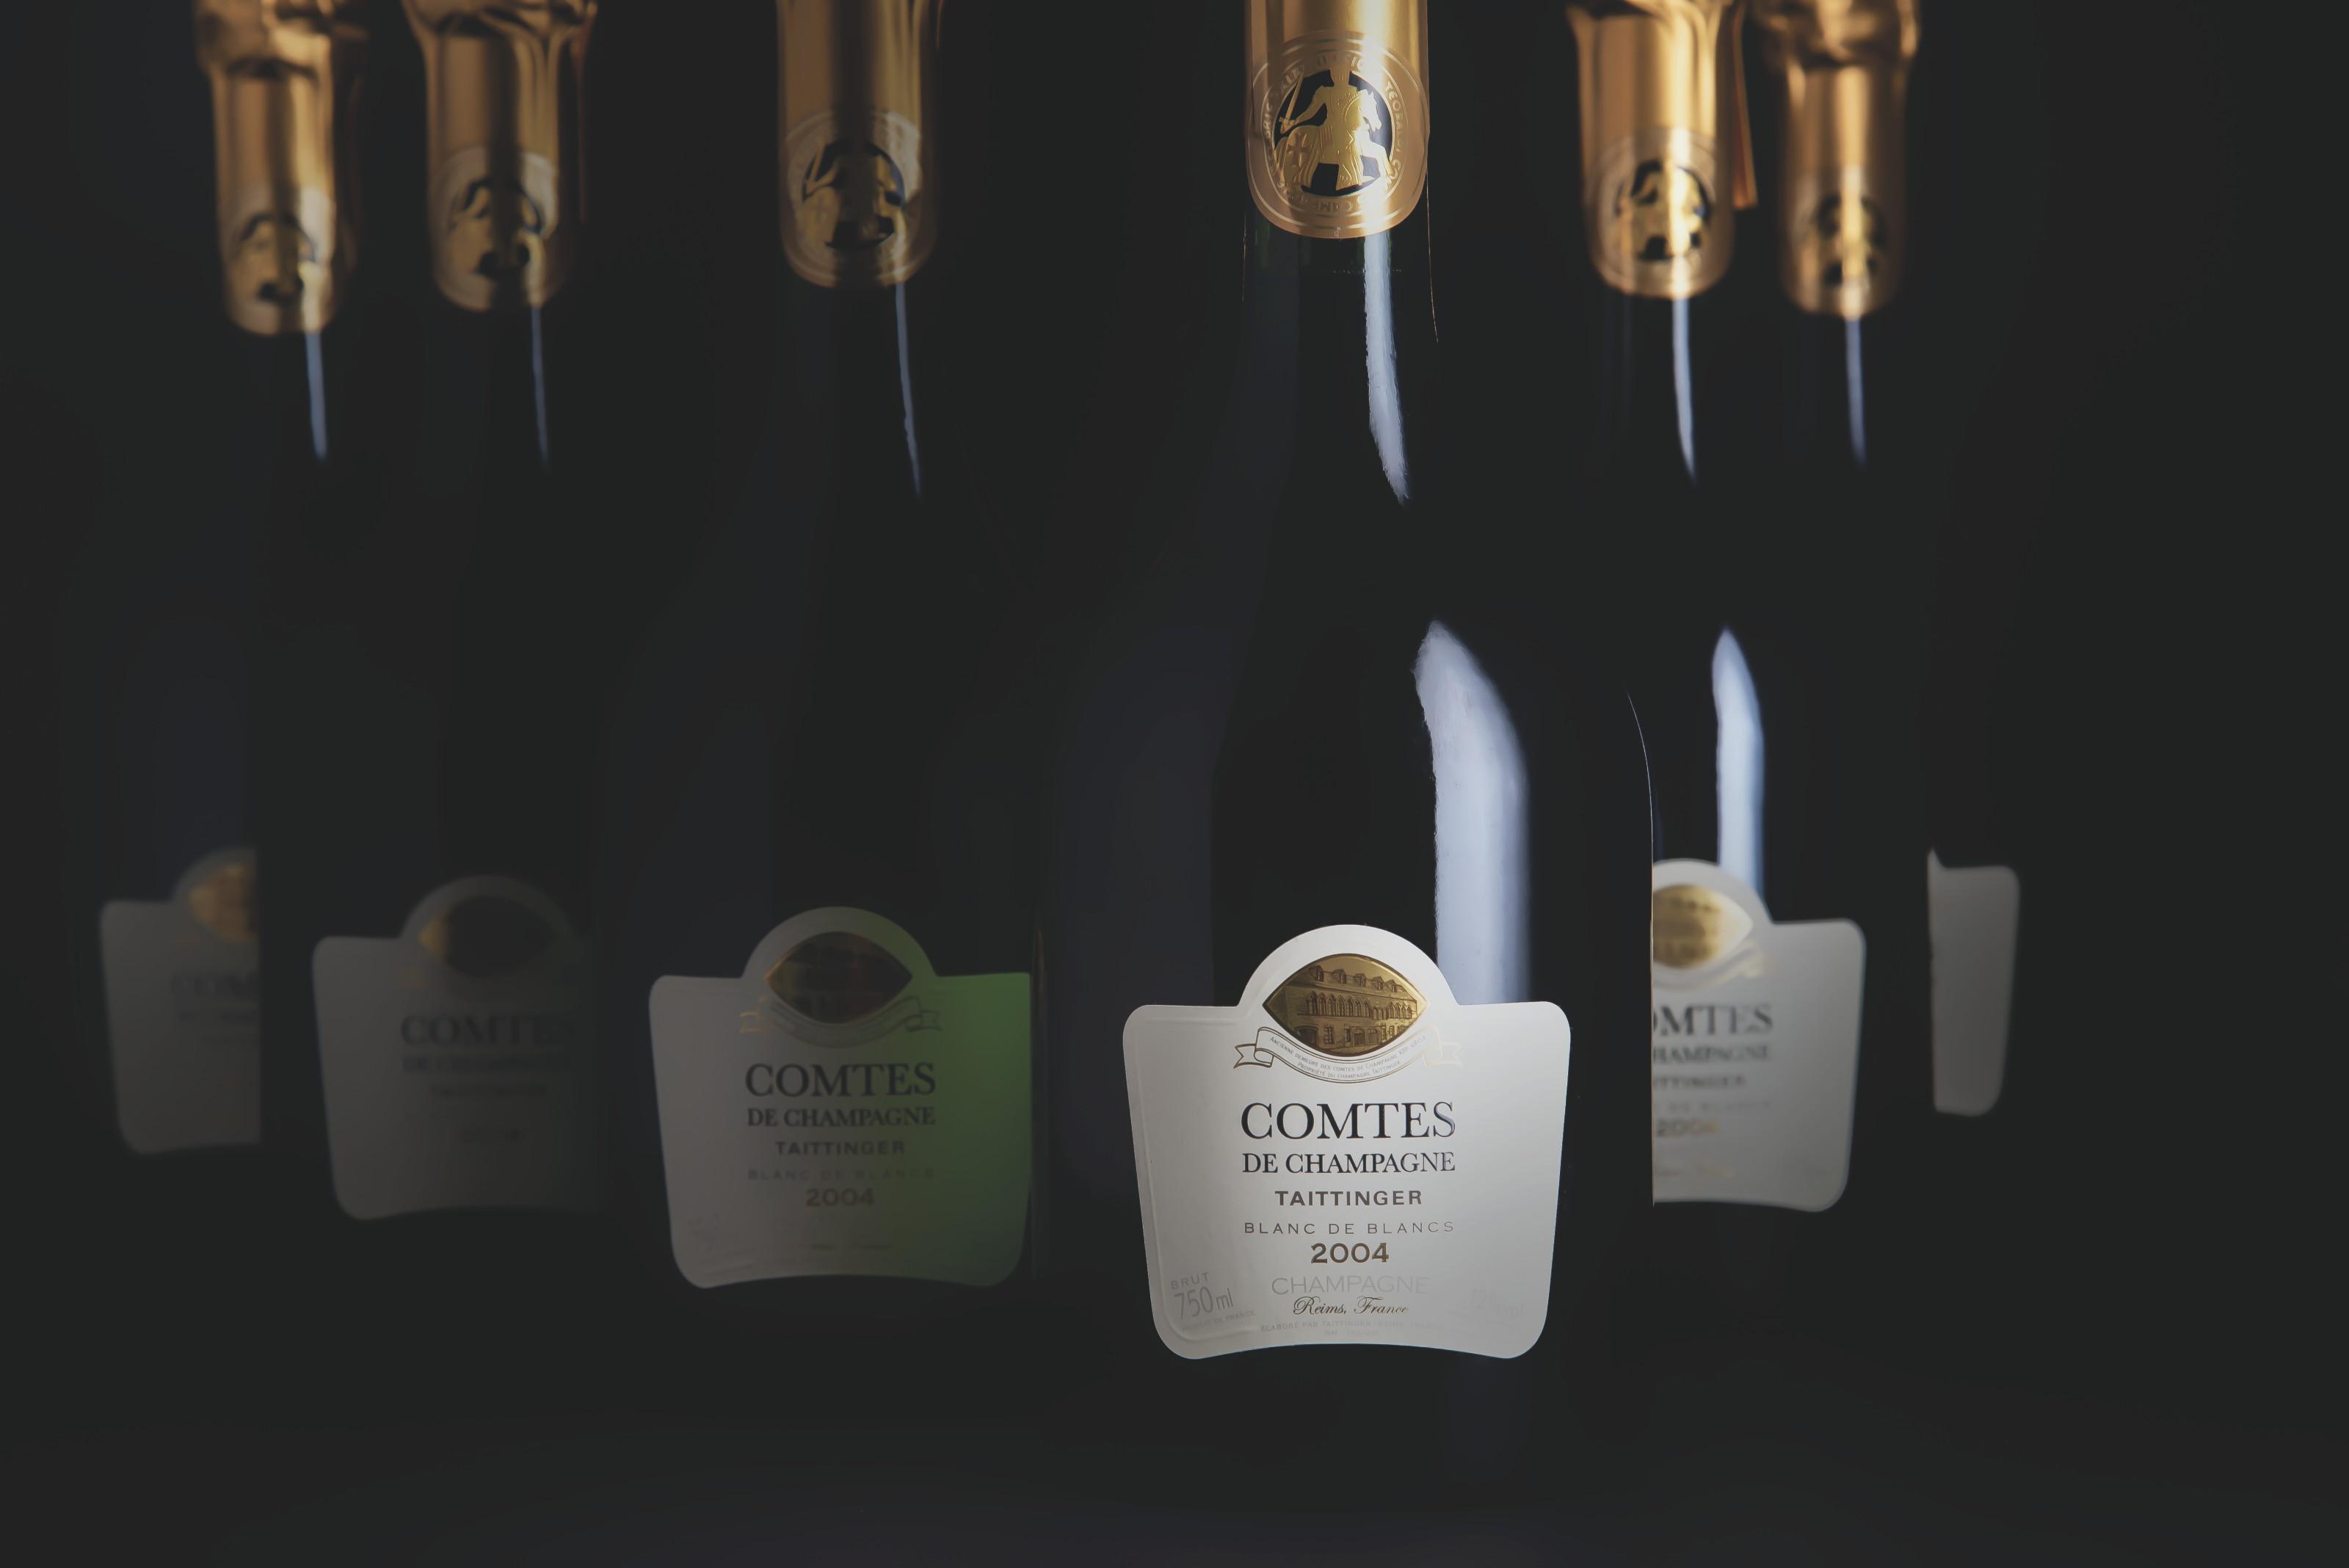 Taittinger Comtes de Champagne Blanc de Blancs 2004 , 2004